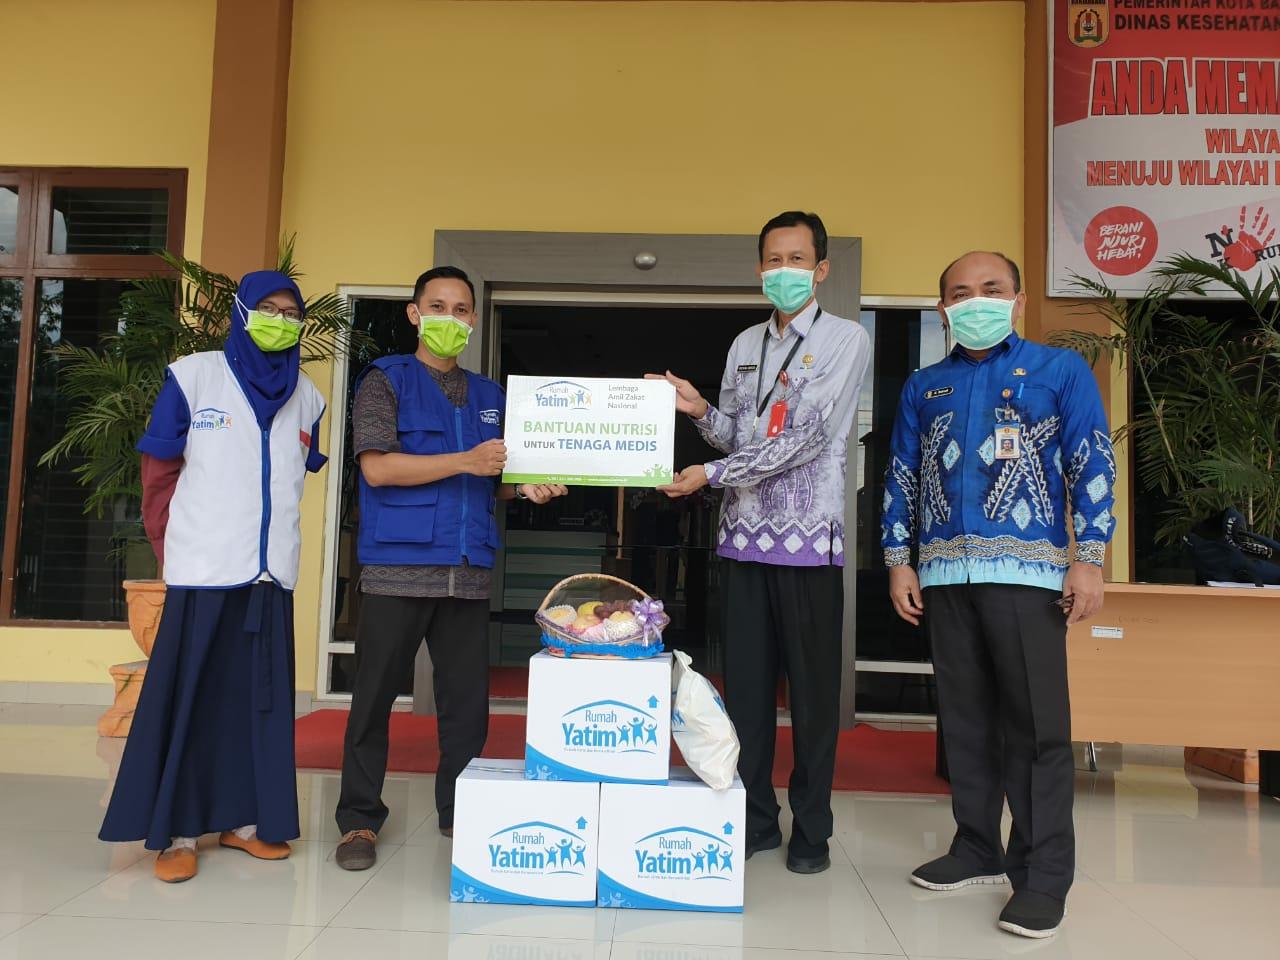 Sembilan Rumah Sakit dan Puskesmas di Kalsel Terima Bantuan APD dan Nutrisi